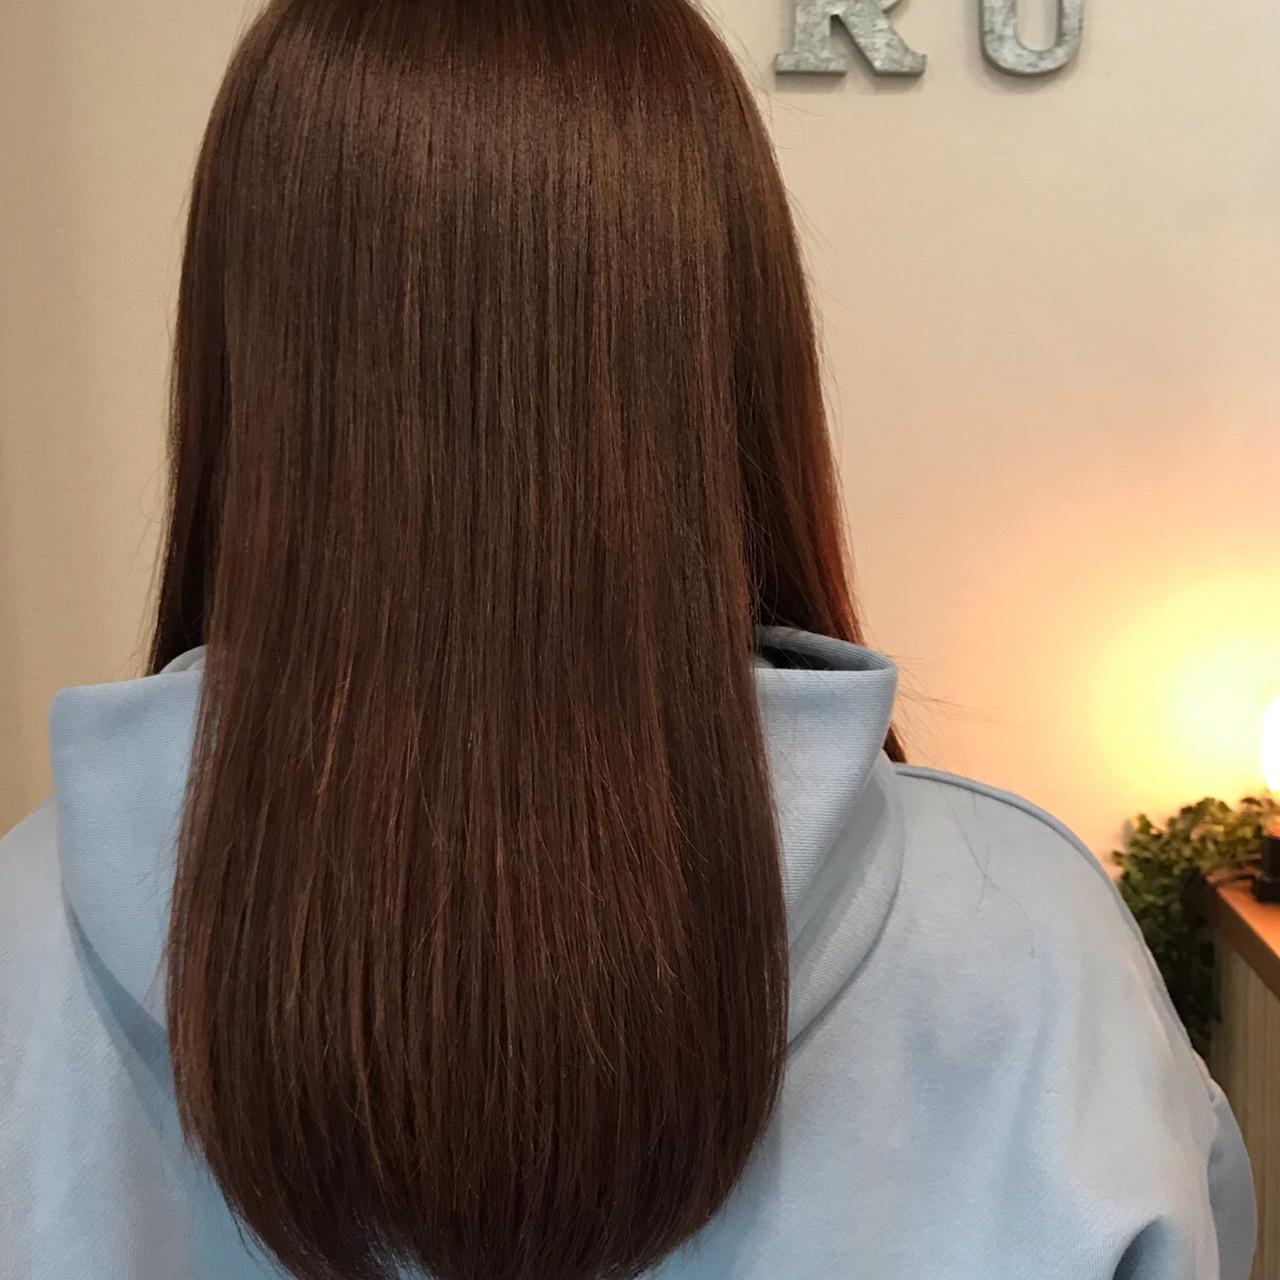 モード セミロング サラサラ 春スタイル ヘアスタイルや髪型の写真・画像